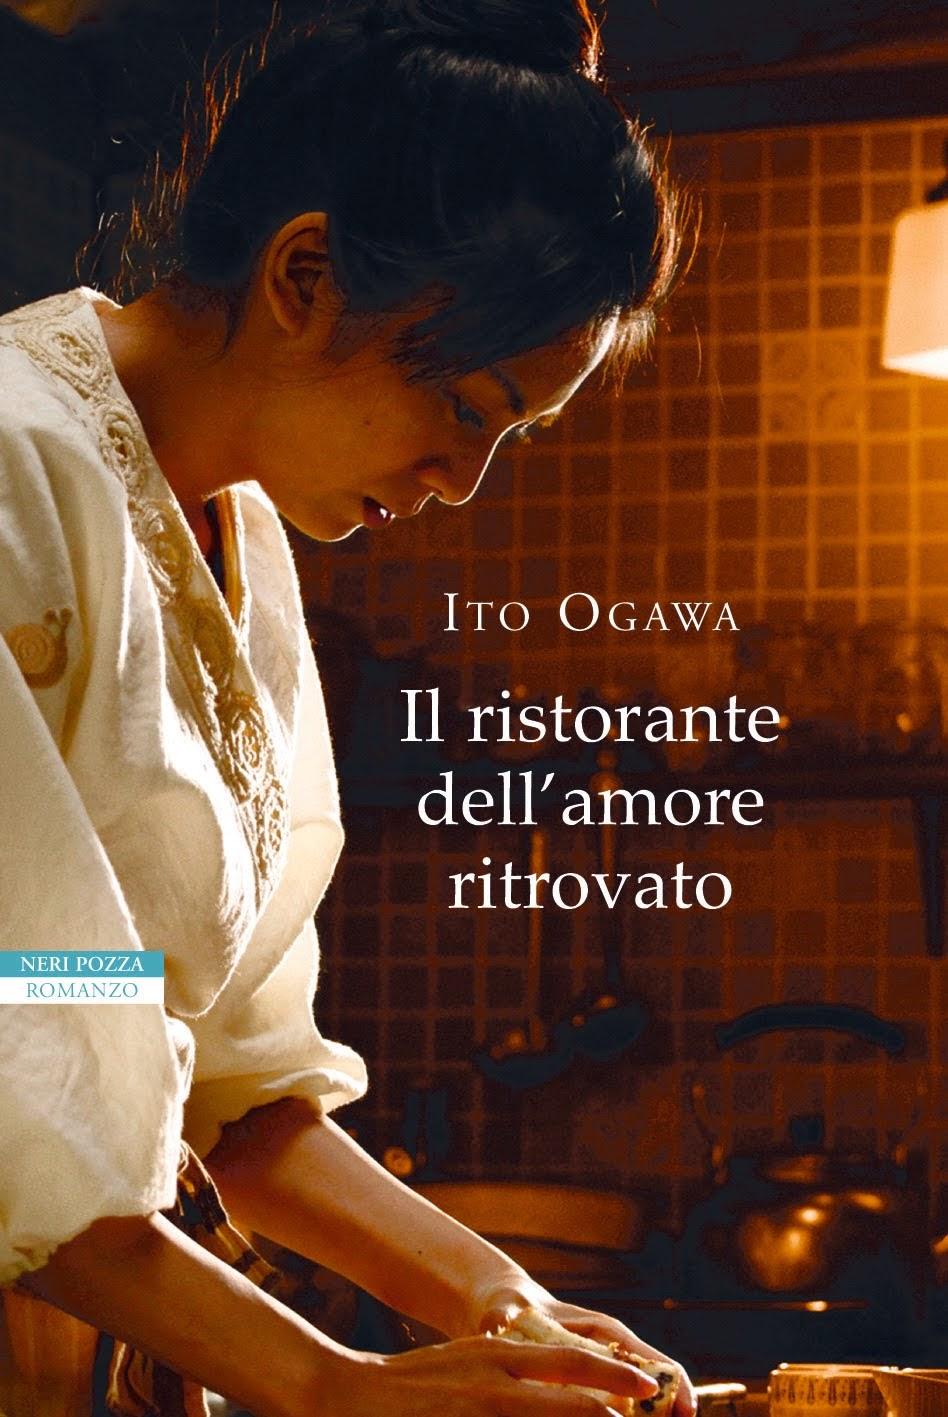 http://latartarugasimuove.blogspot.it/2014/10/recensione-il-ristorante-dellamore.html